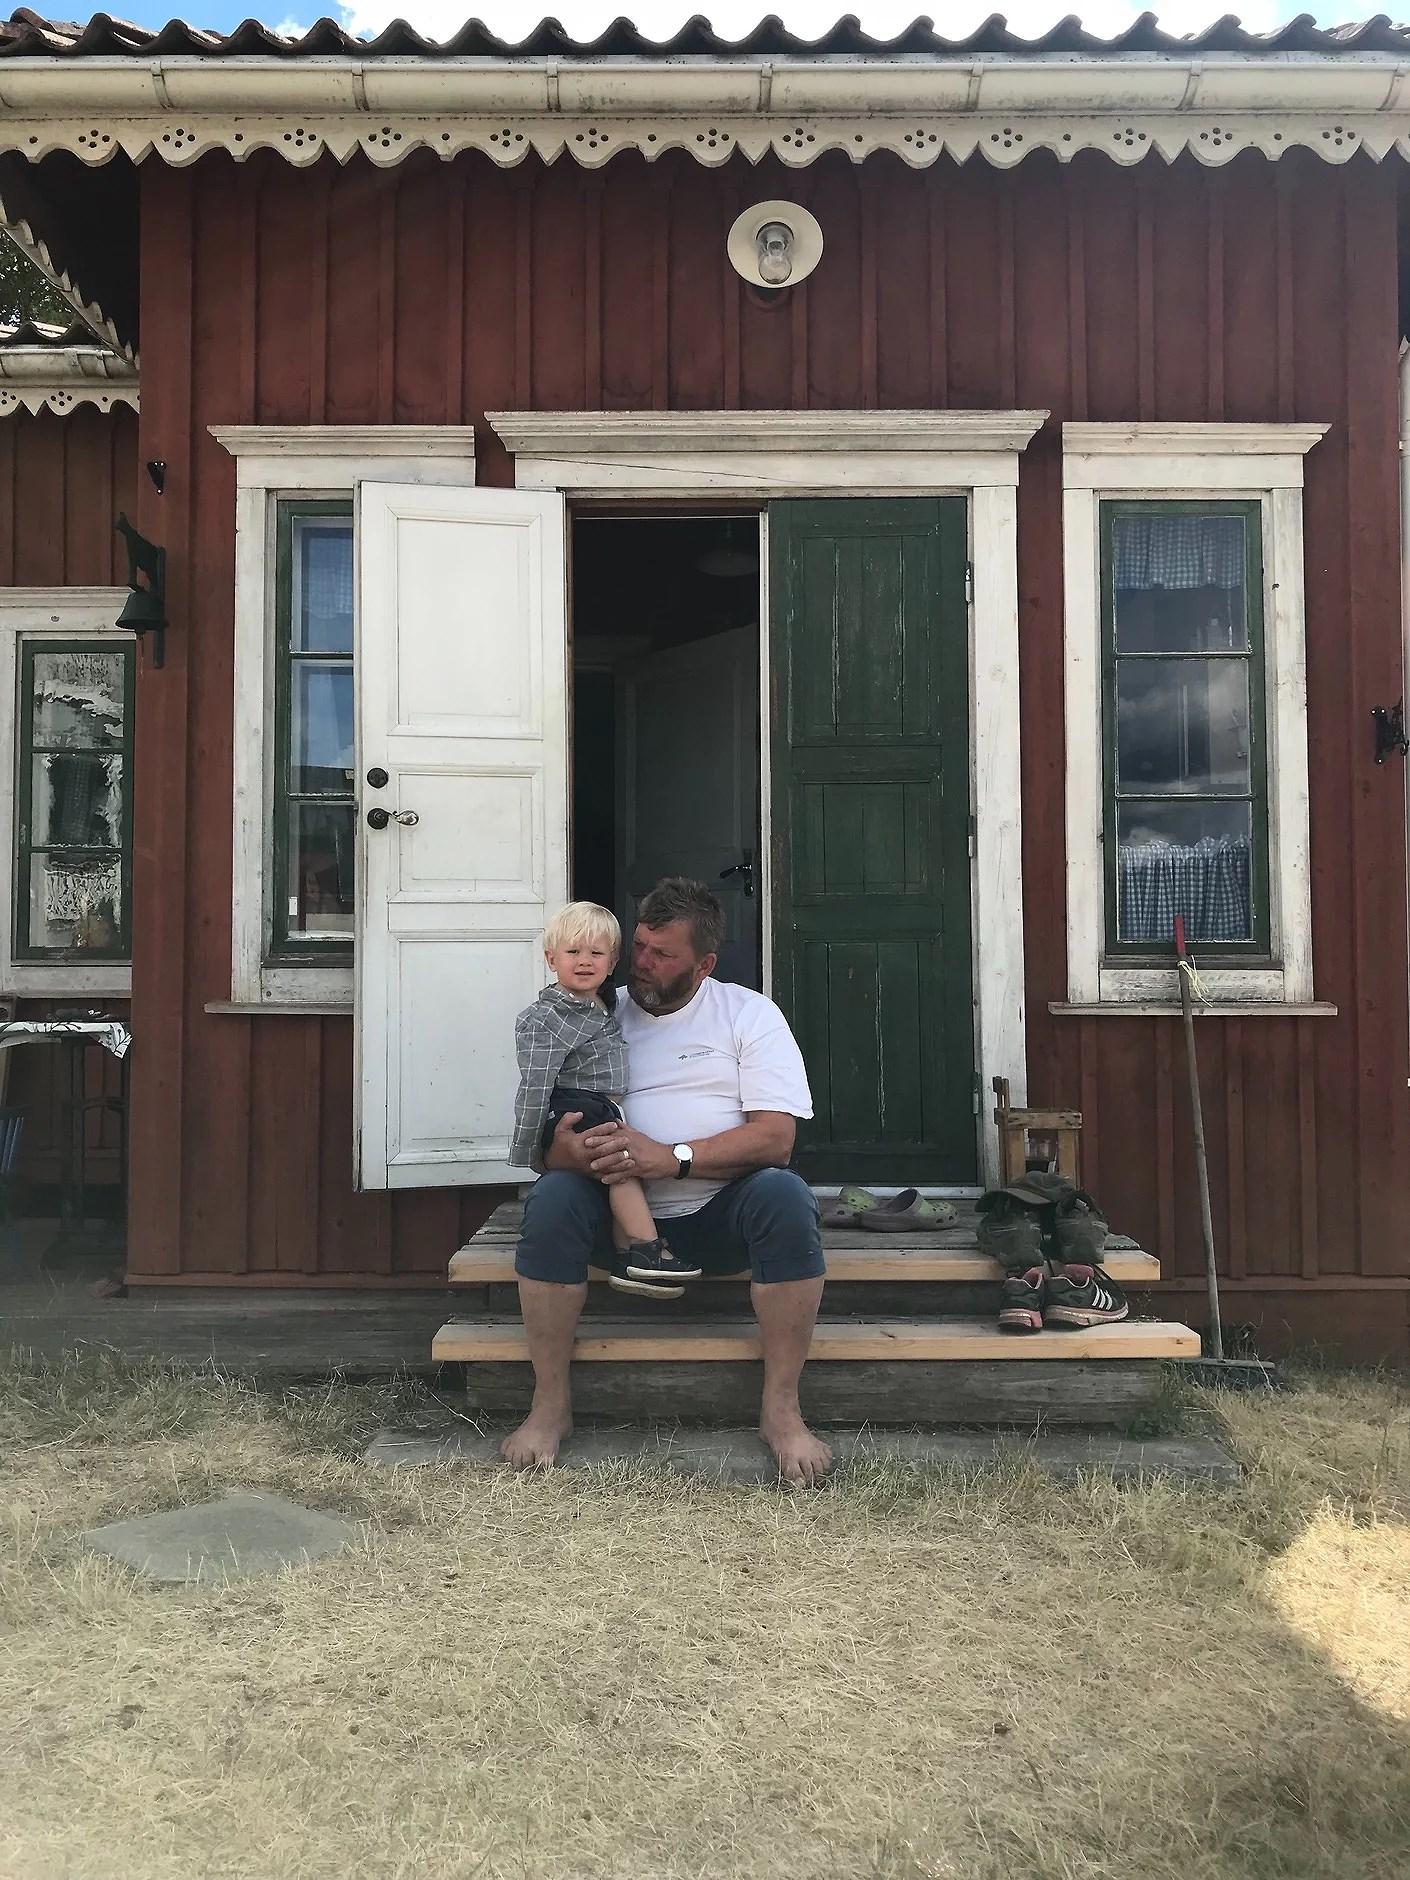 Gårdtjärns gård (Sundsvall)